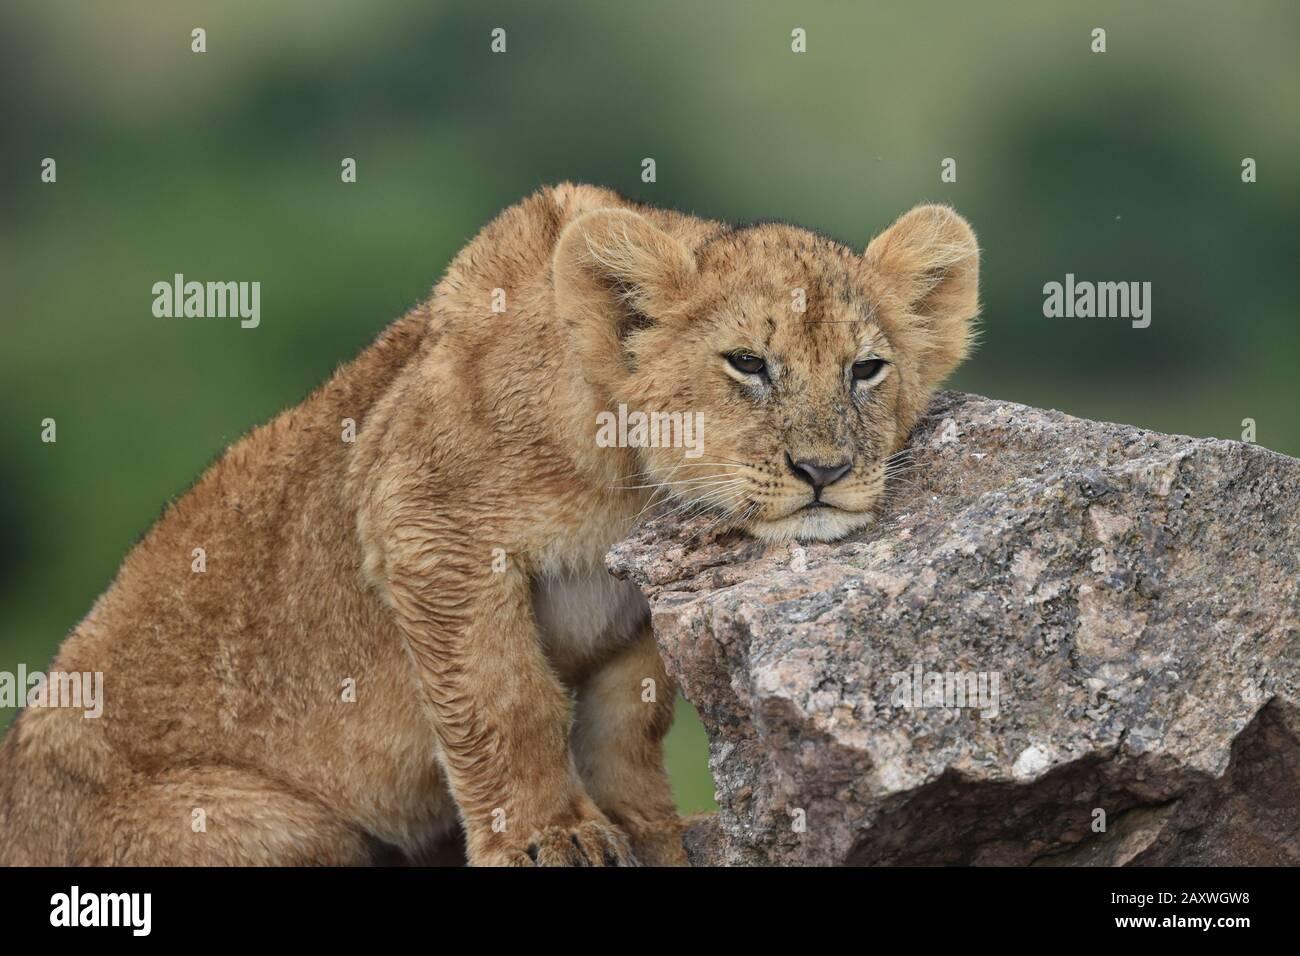 Lion Cub descansando su cabeza sobre rocas. Parque Nacional Masai Mara, Kenia. Foto de stock